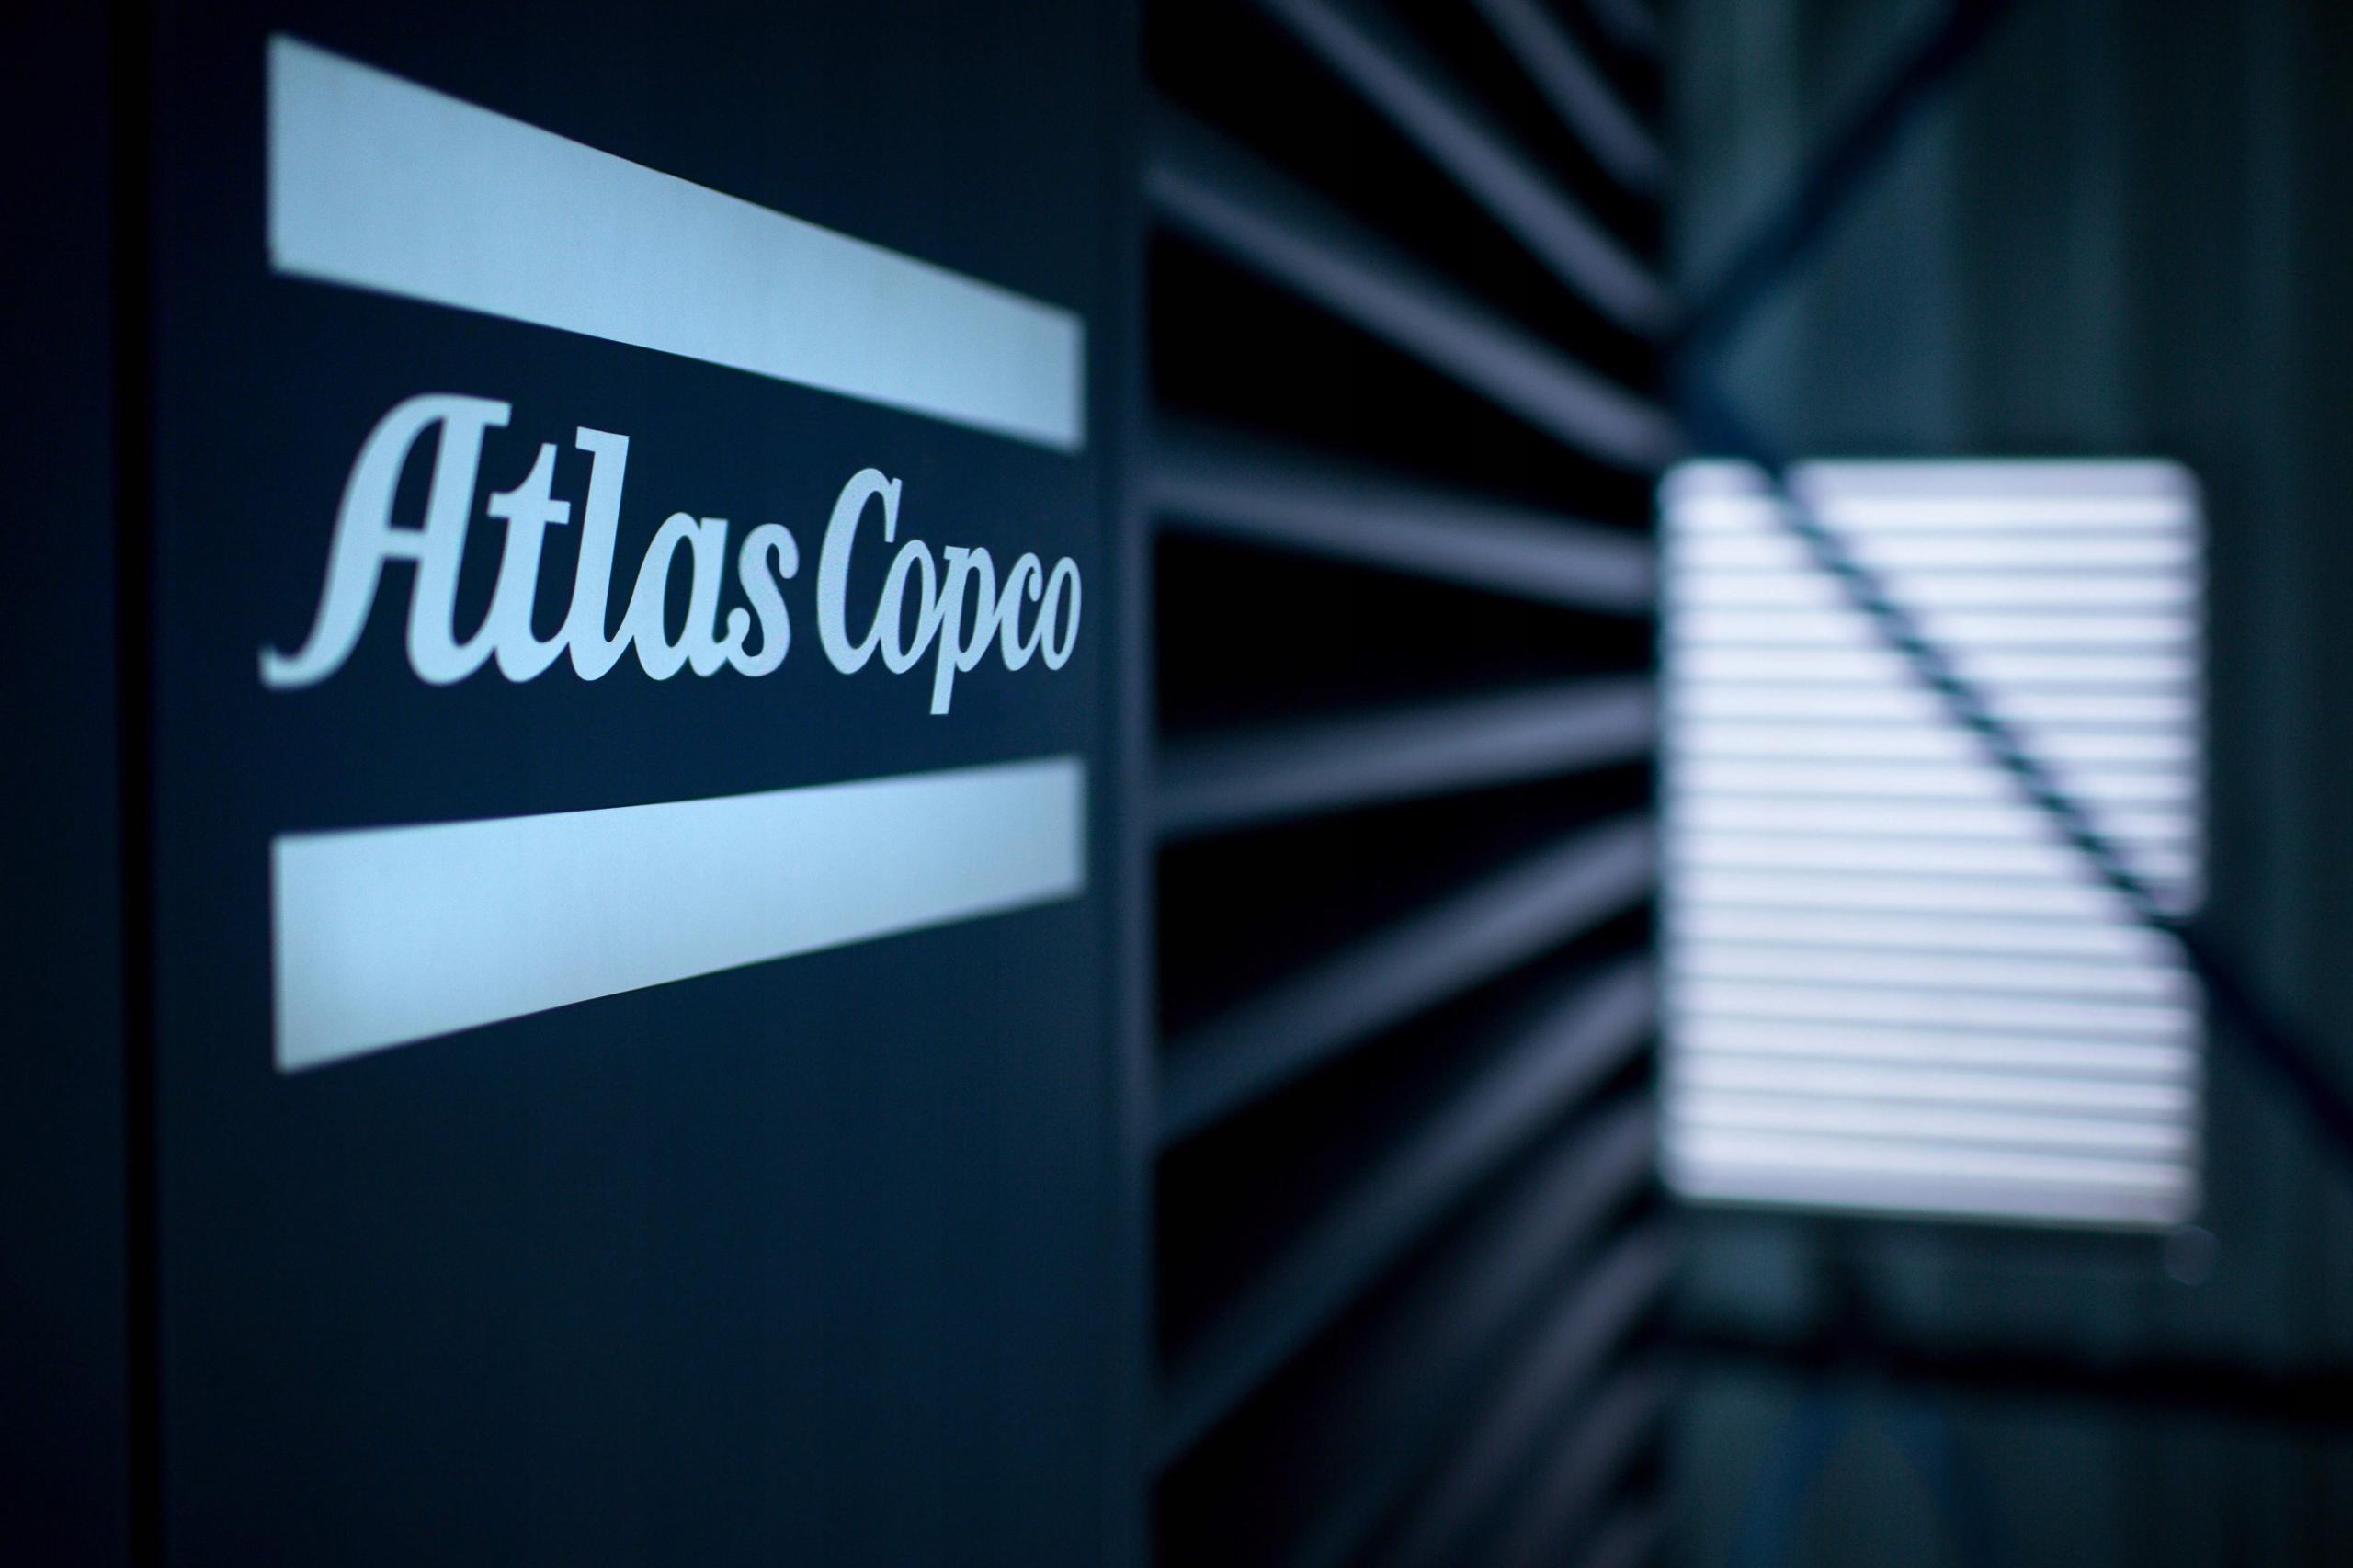 SPRĘŻARKA KOMPRESOR 50L ATLAS COPCO AC 21 E 50 M Ciśnienie maksymalne 10 bar